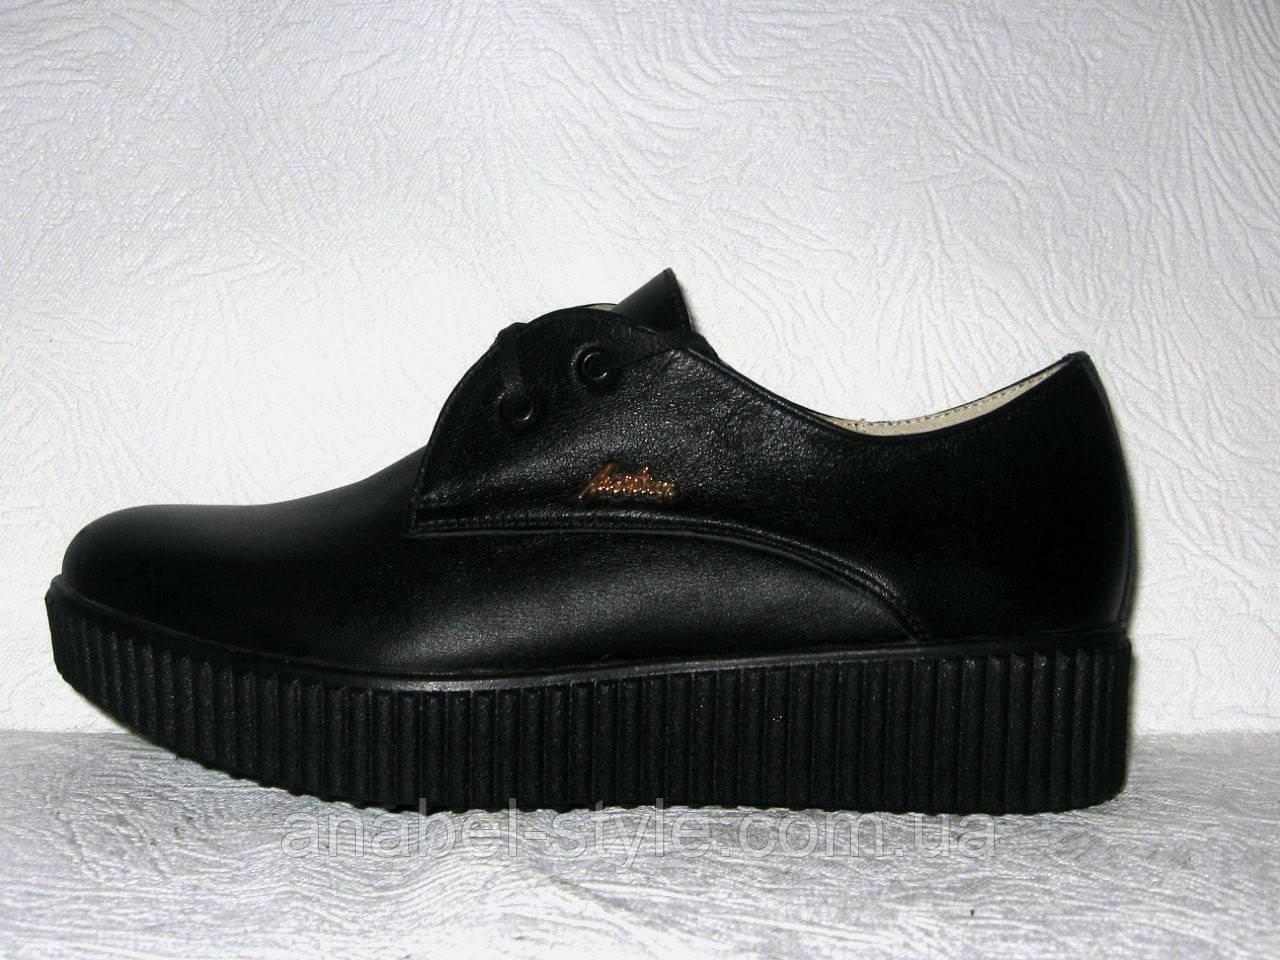 Туфли-оксфорды женские модные на толстой подошве кожаные